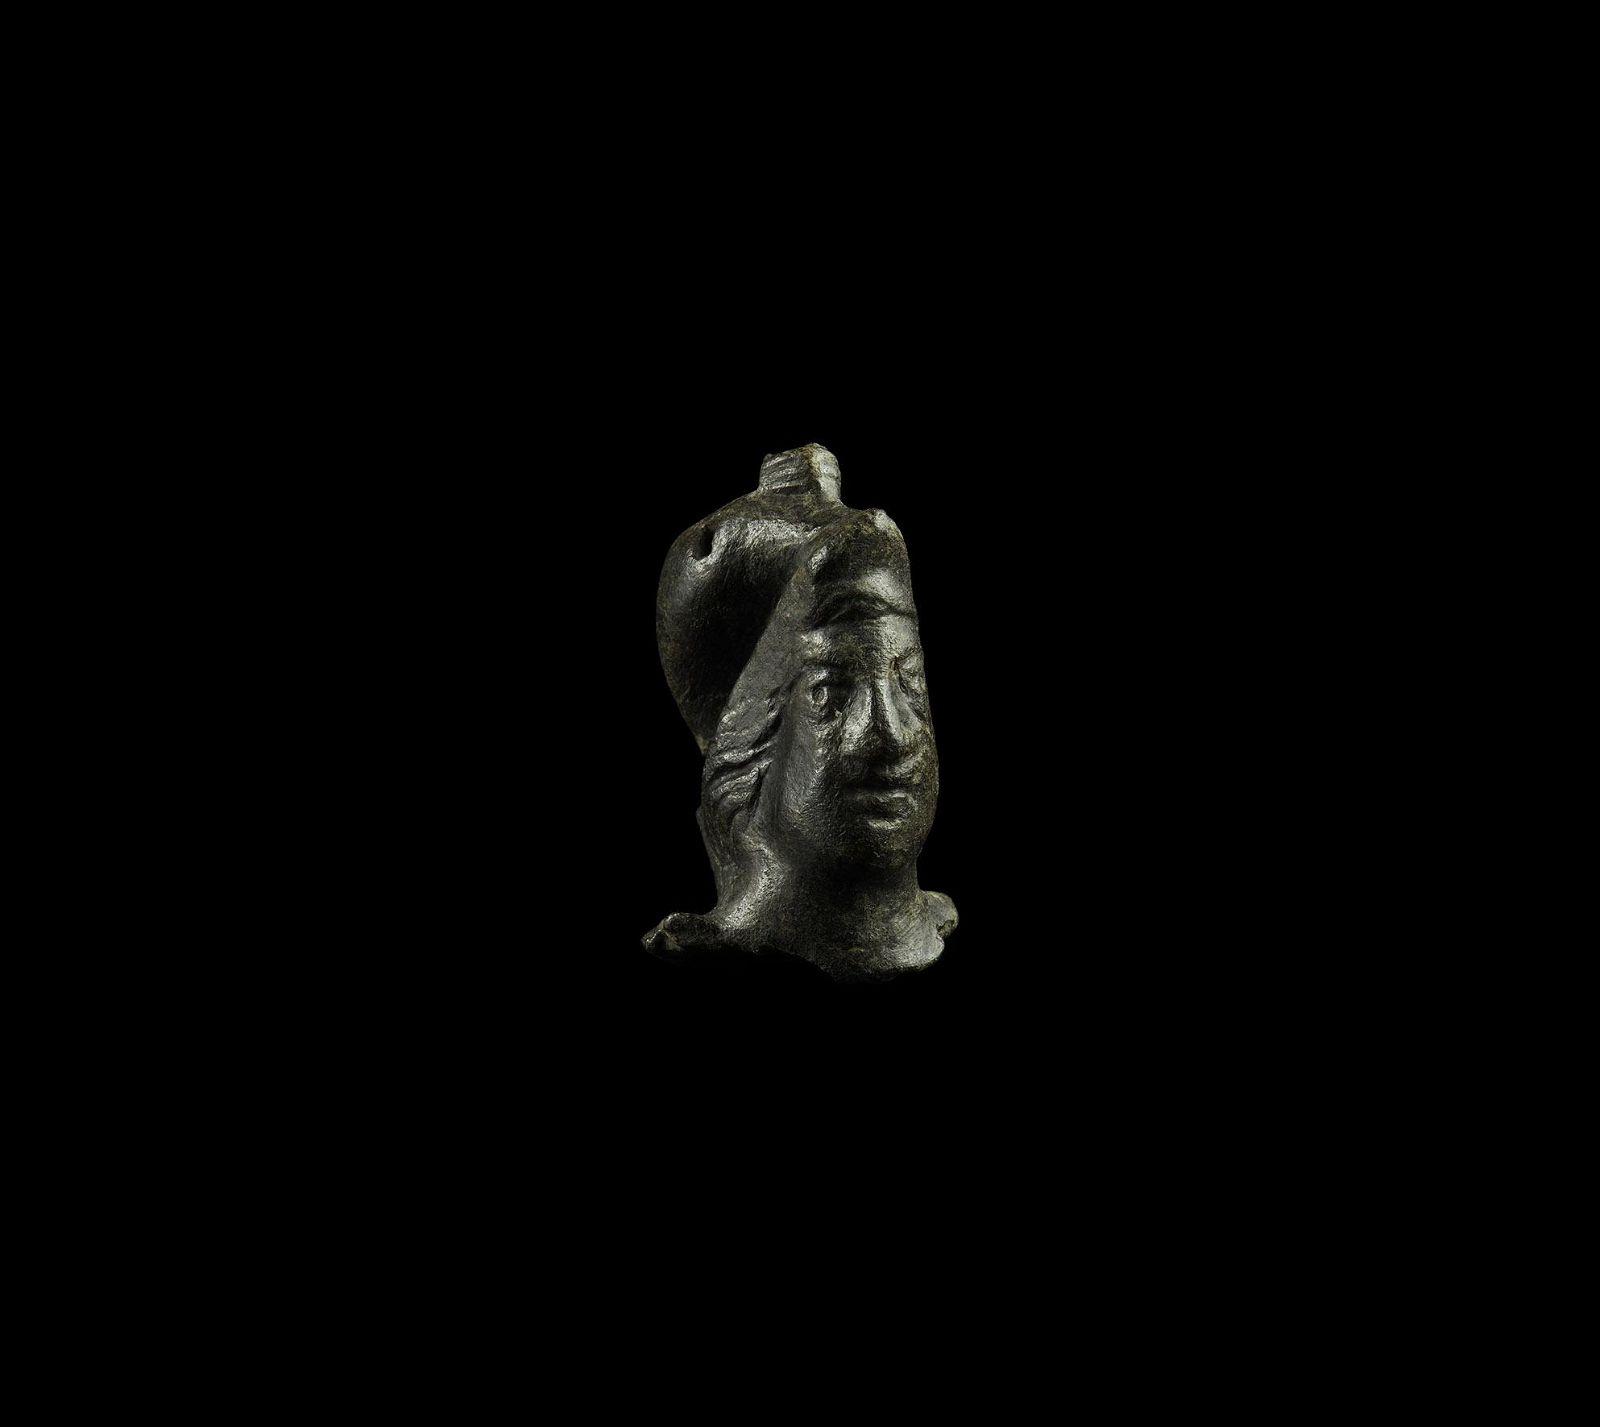 Roman Head of Minerva